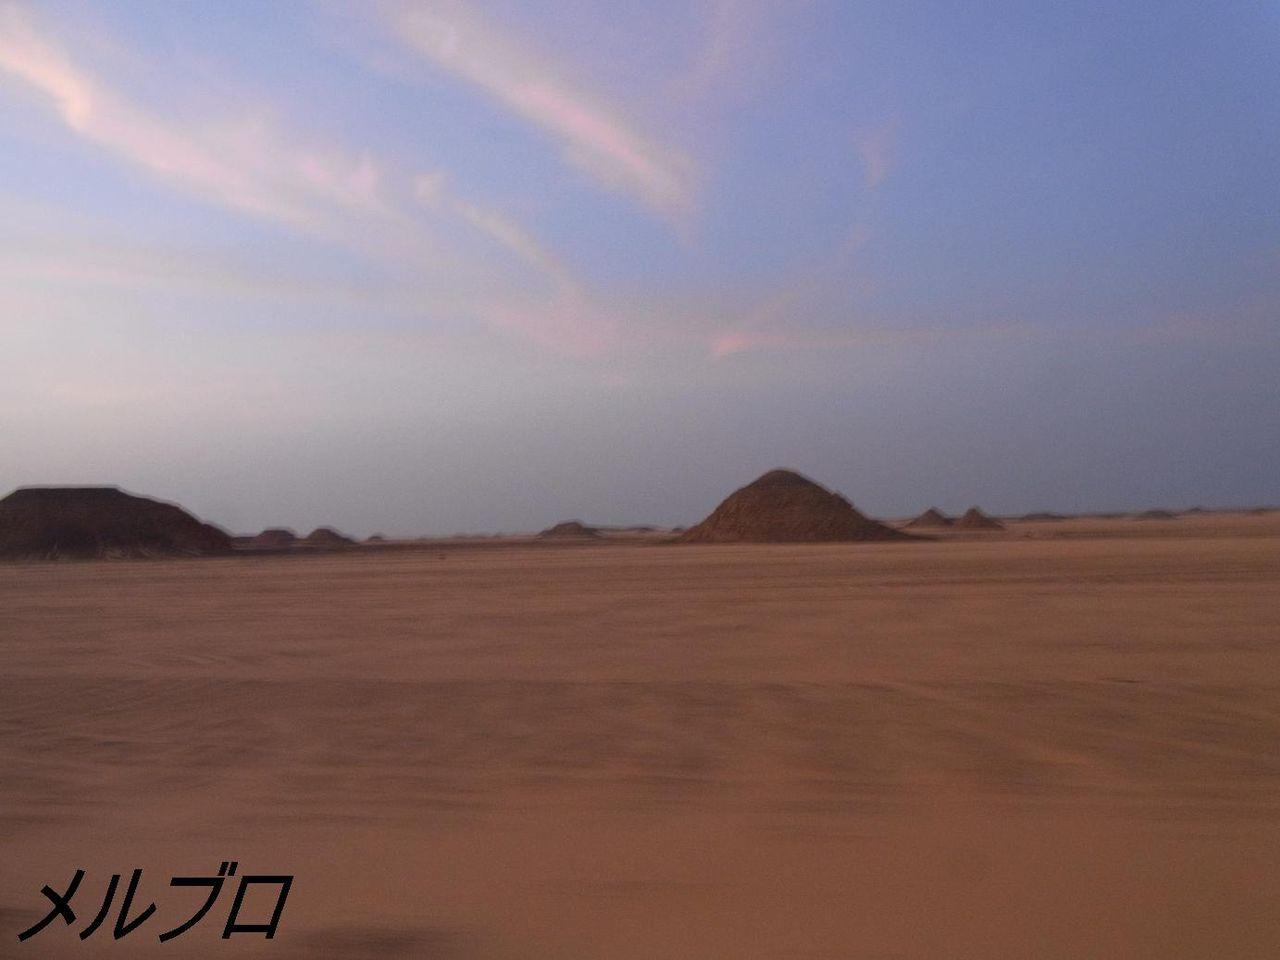 エジプト砂漠3